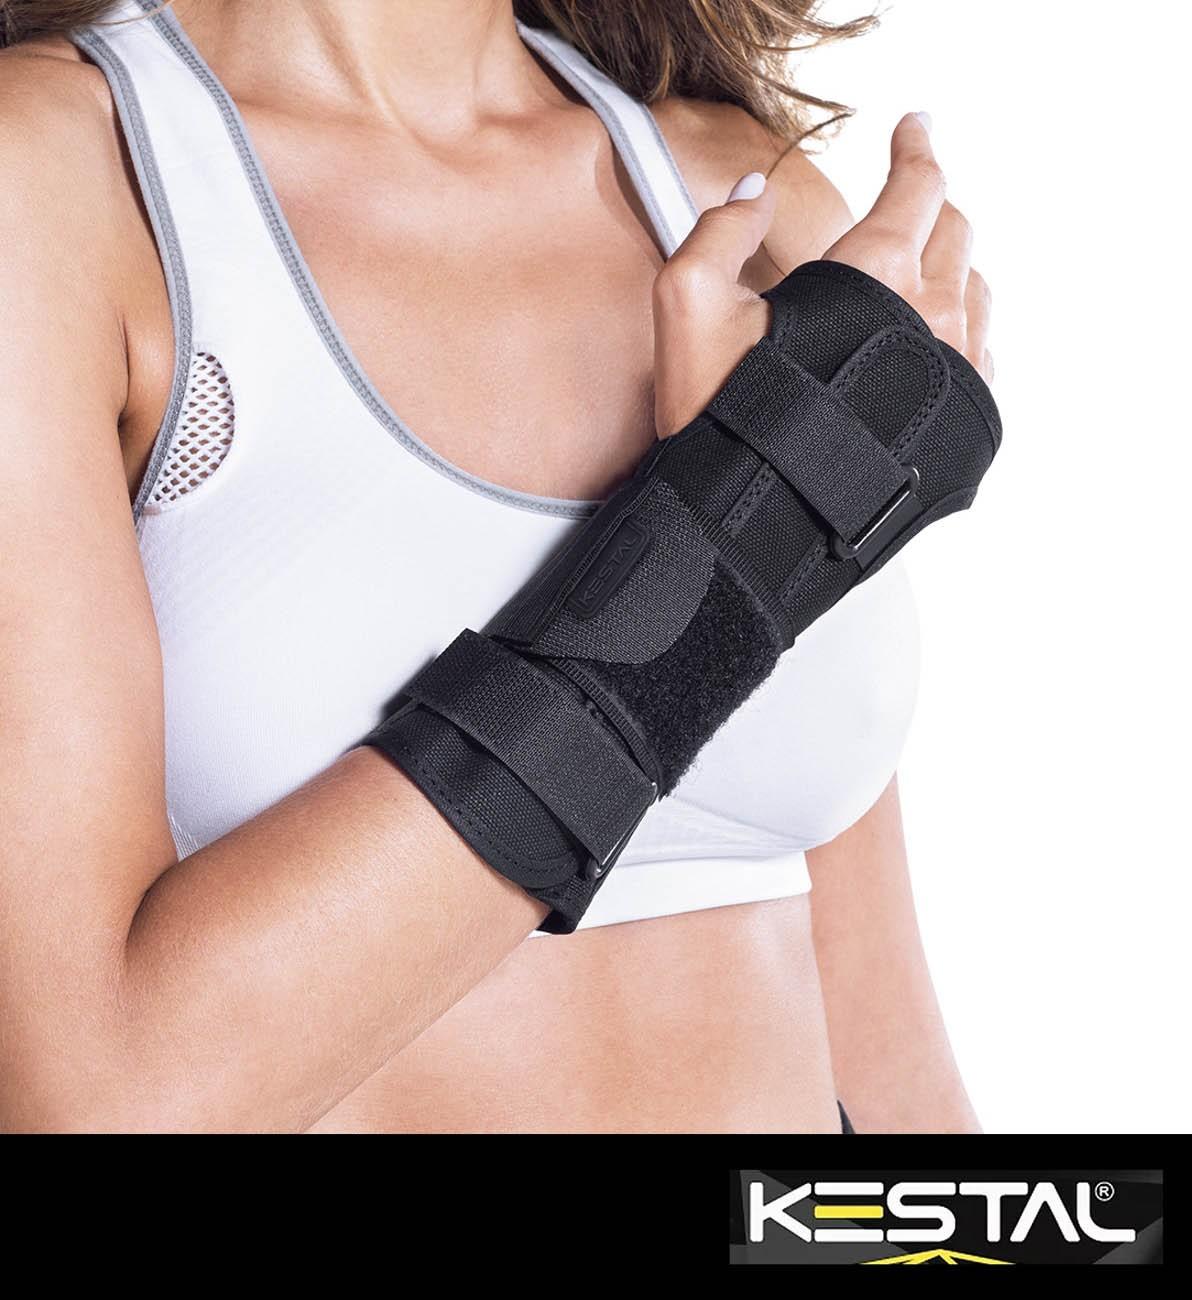 Órtese Tala Curta Para Punho Bilateral (KSN033) - Kestal